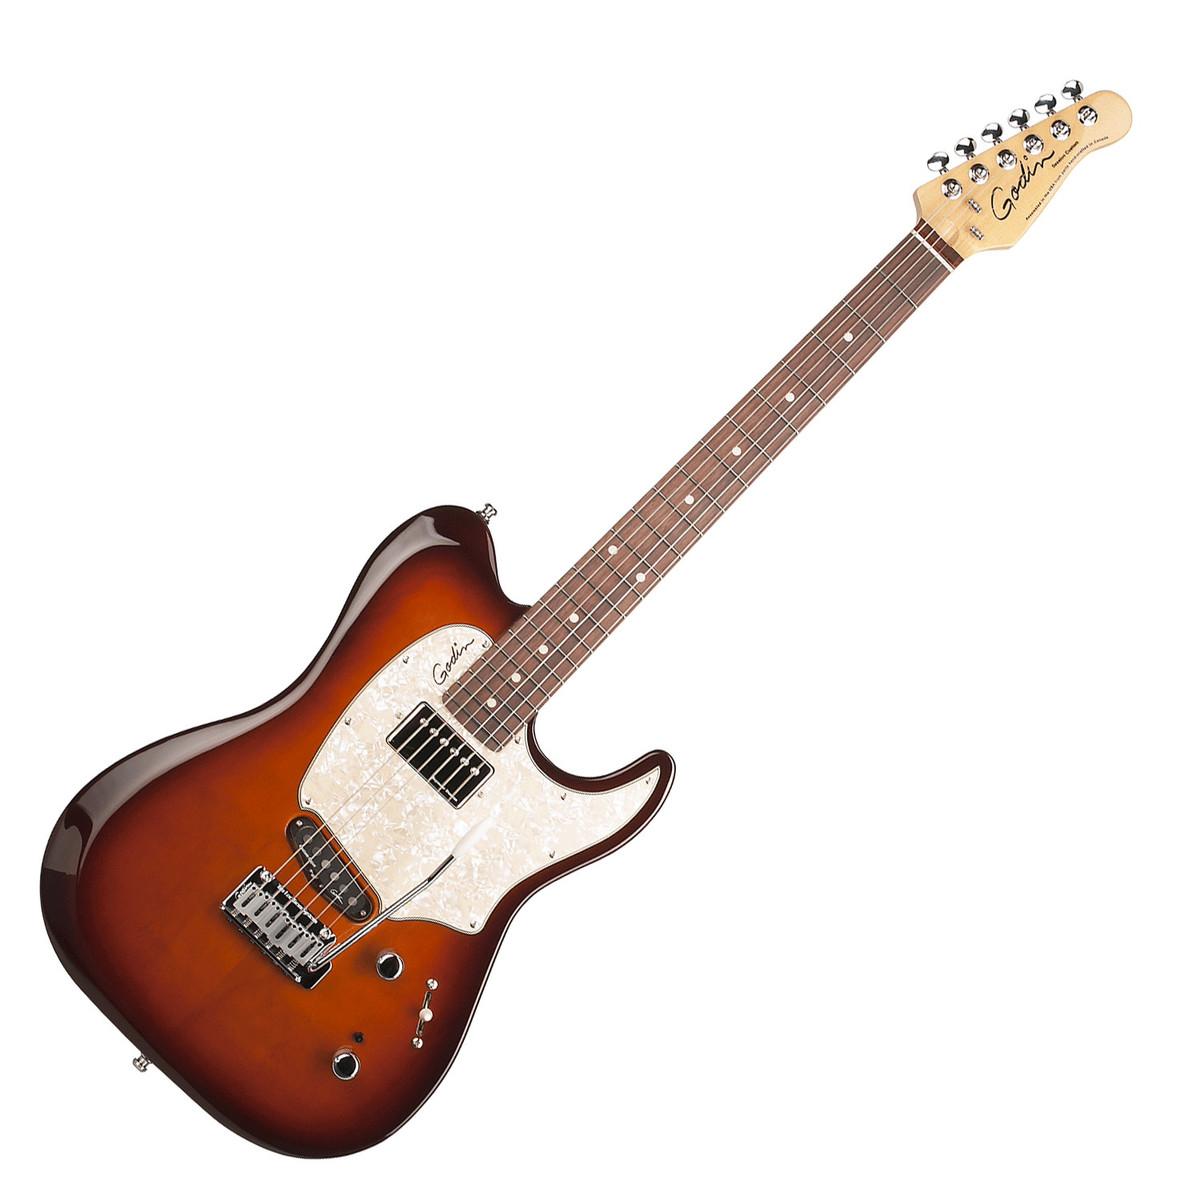 godin session custom 59 electric guitar tobacco sunburst at. Black Bedroom Furniture Sets. Home Design Ideas